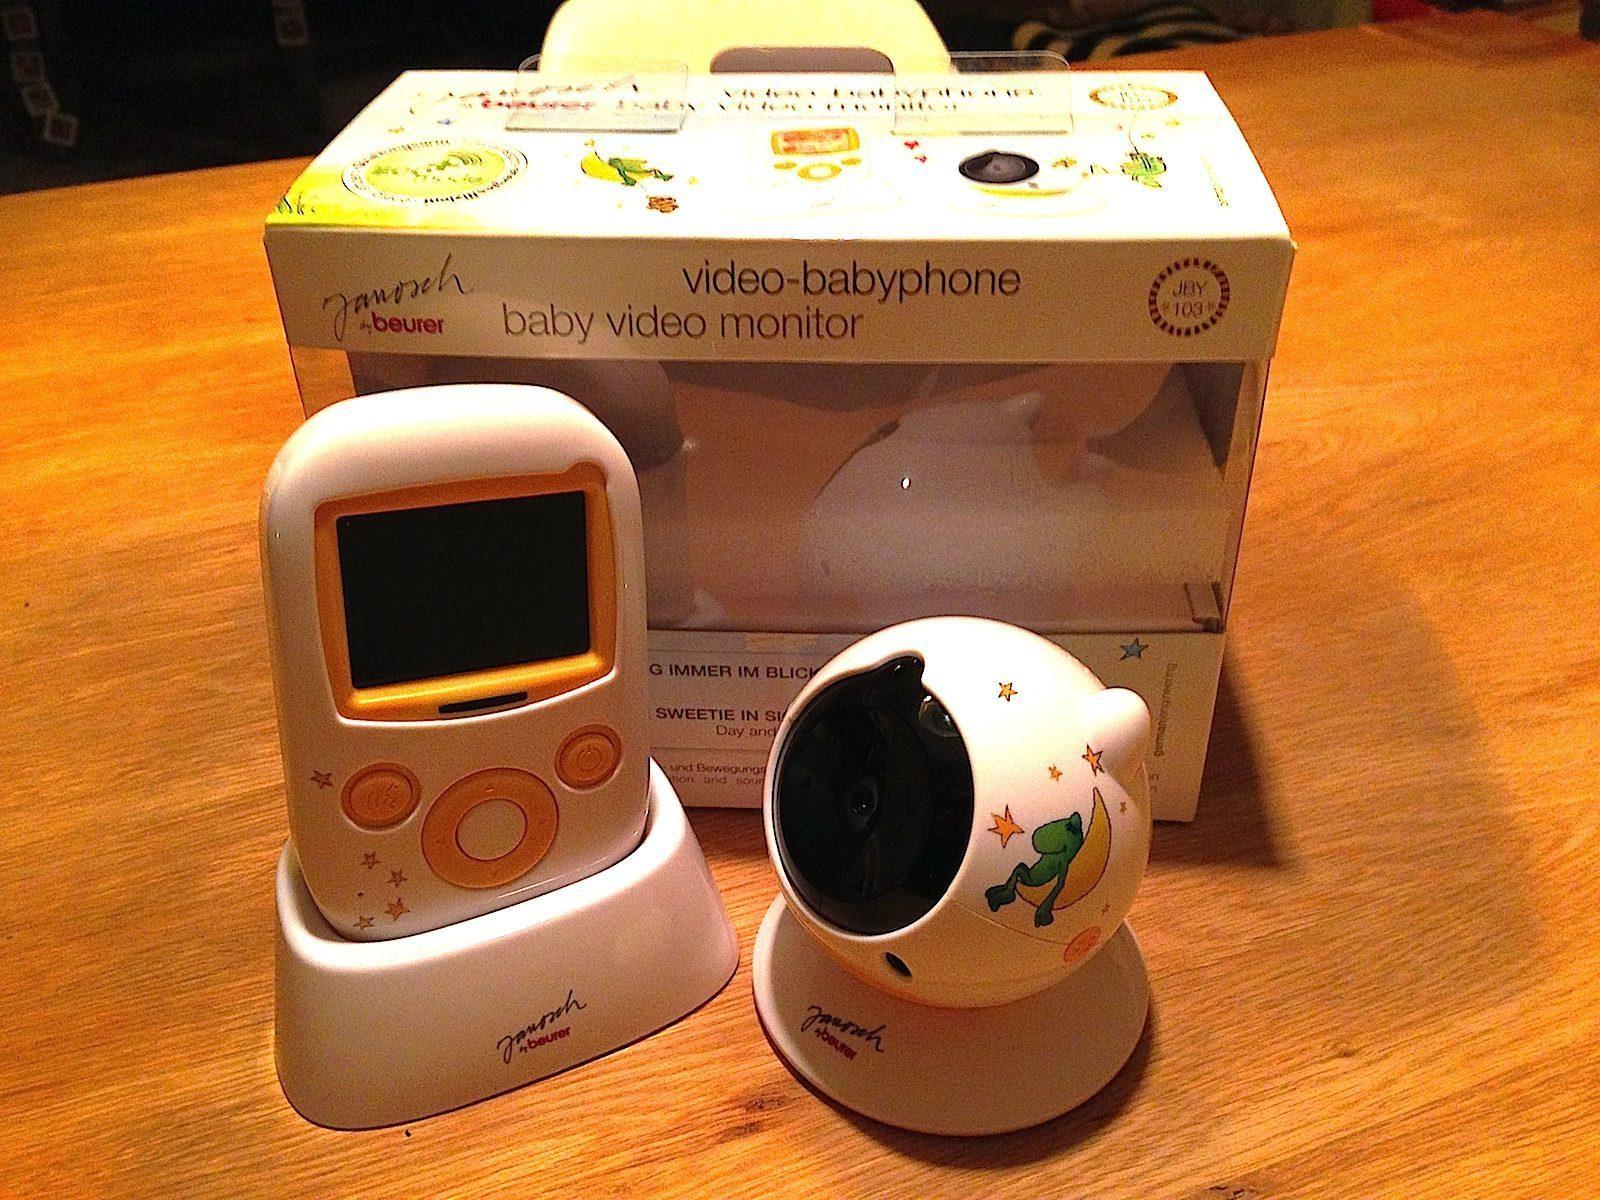 Video Babyphone: Ja oder Nein? DADDYlicious